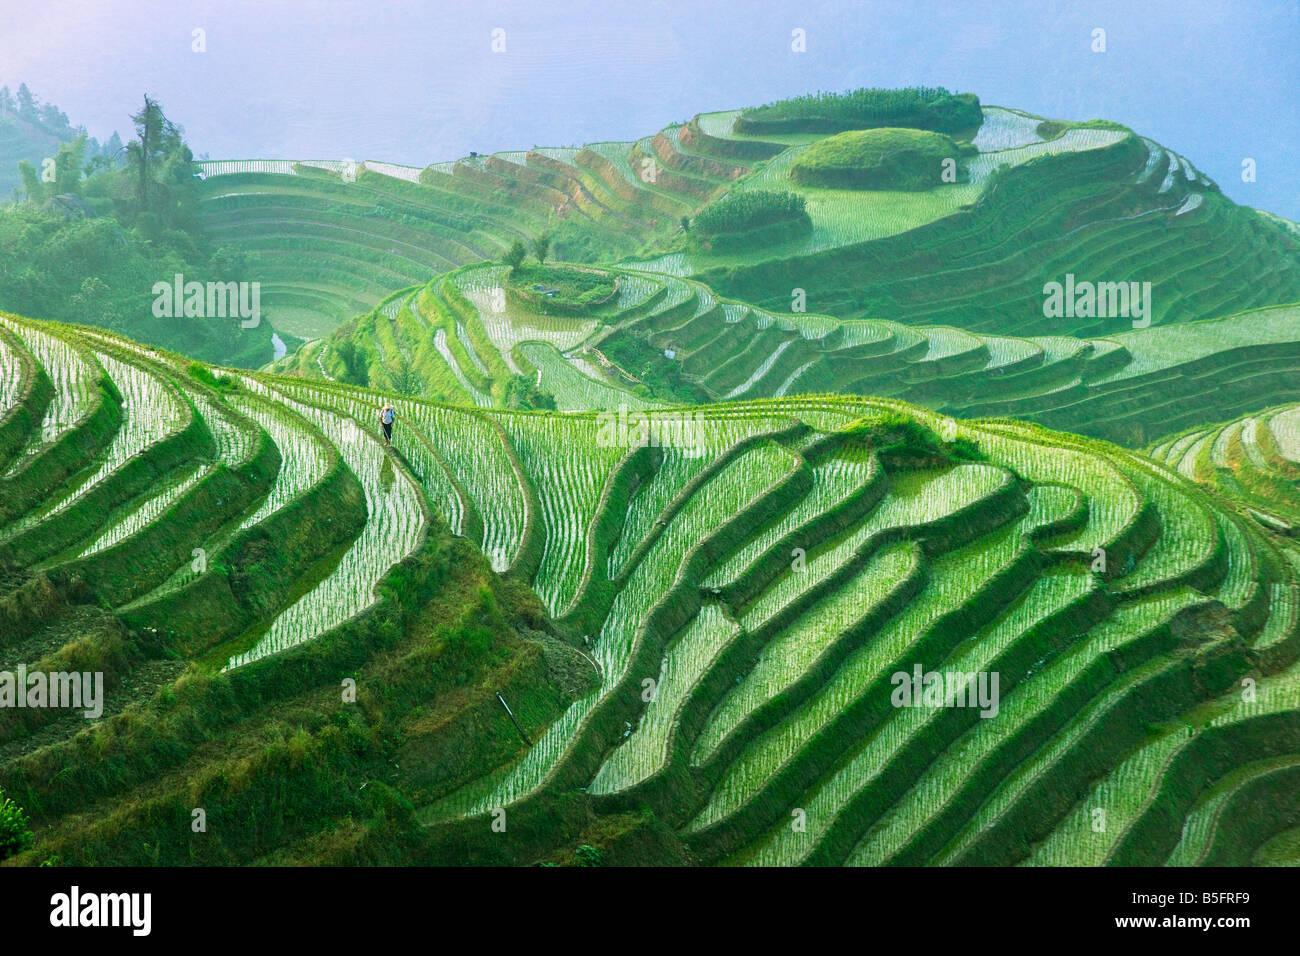 Paesaggio di terrazze di riso Longsheng Guangxi Cina Immagini Stock